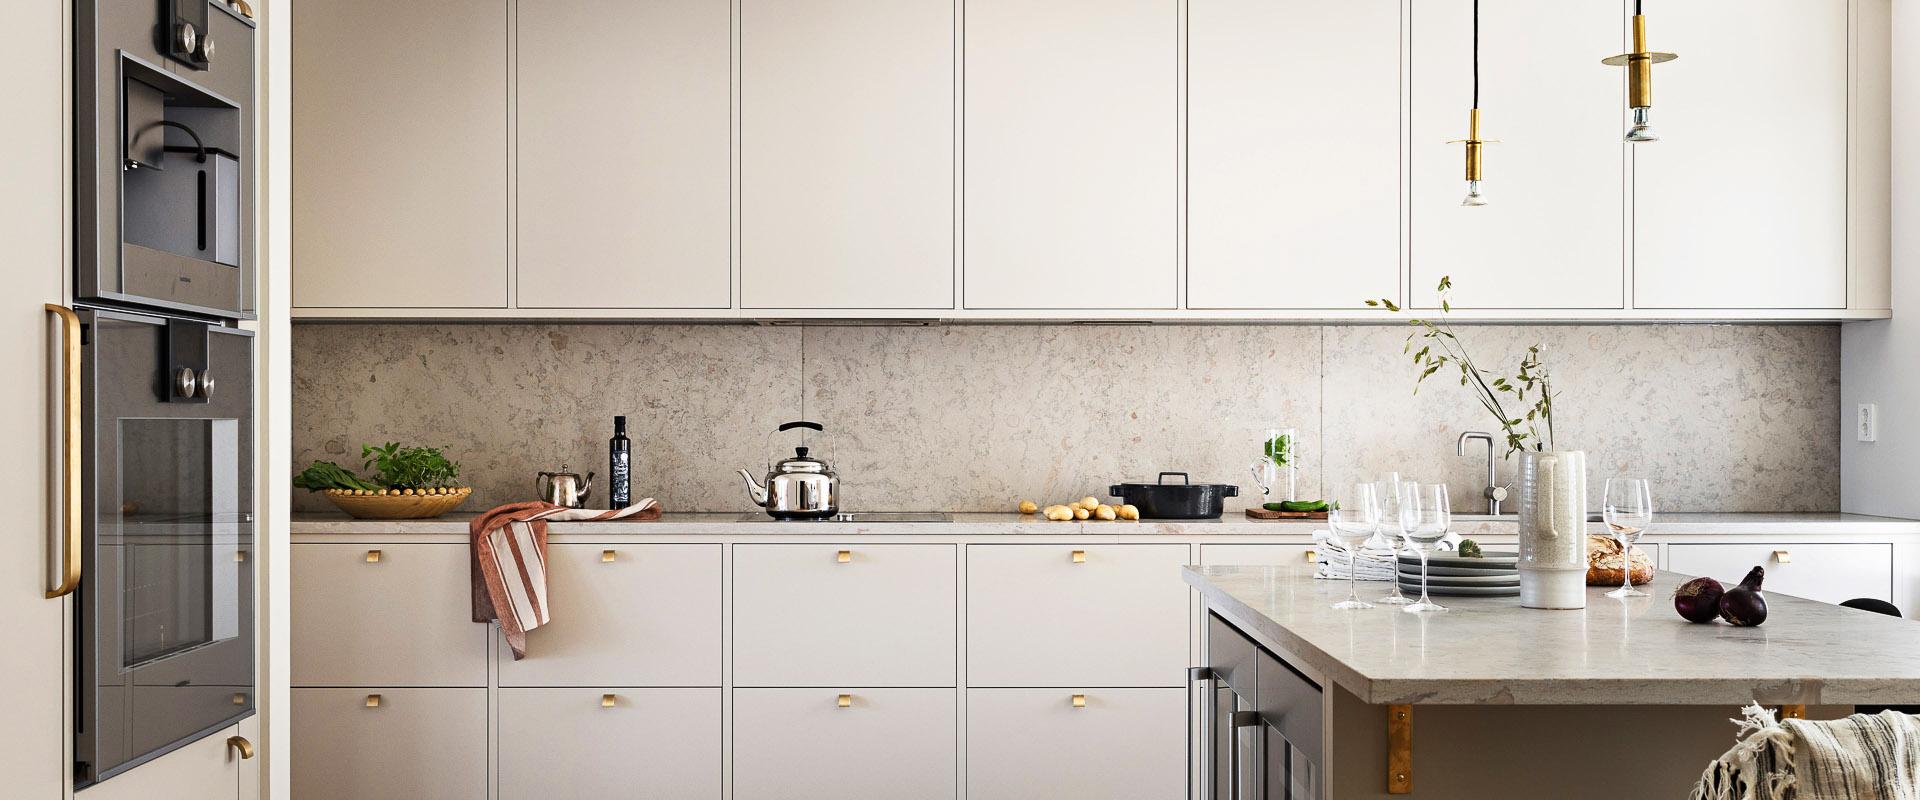 Come scegliere e arredare la cucina | LOVEThESIGN